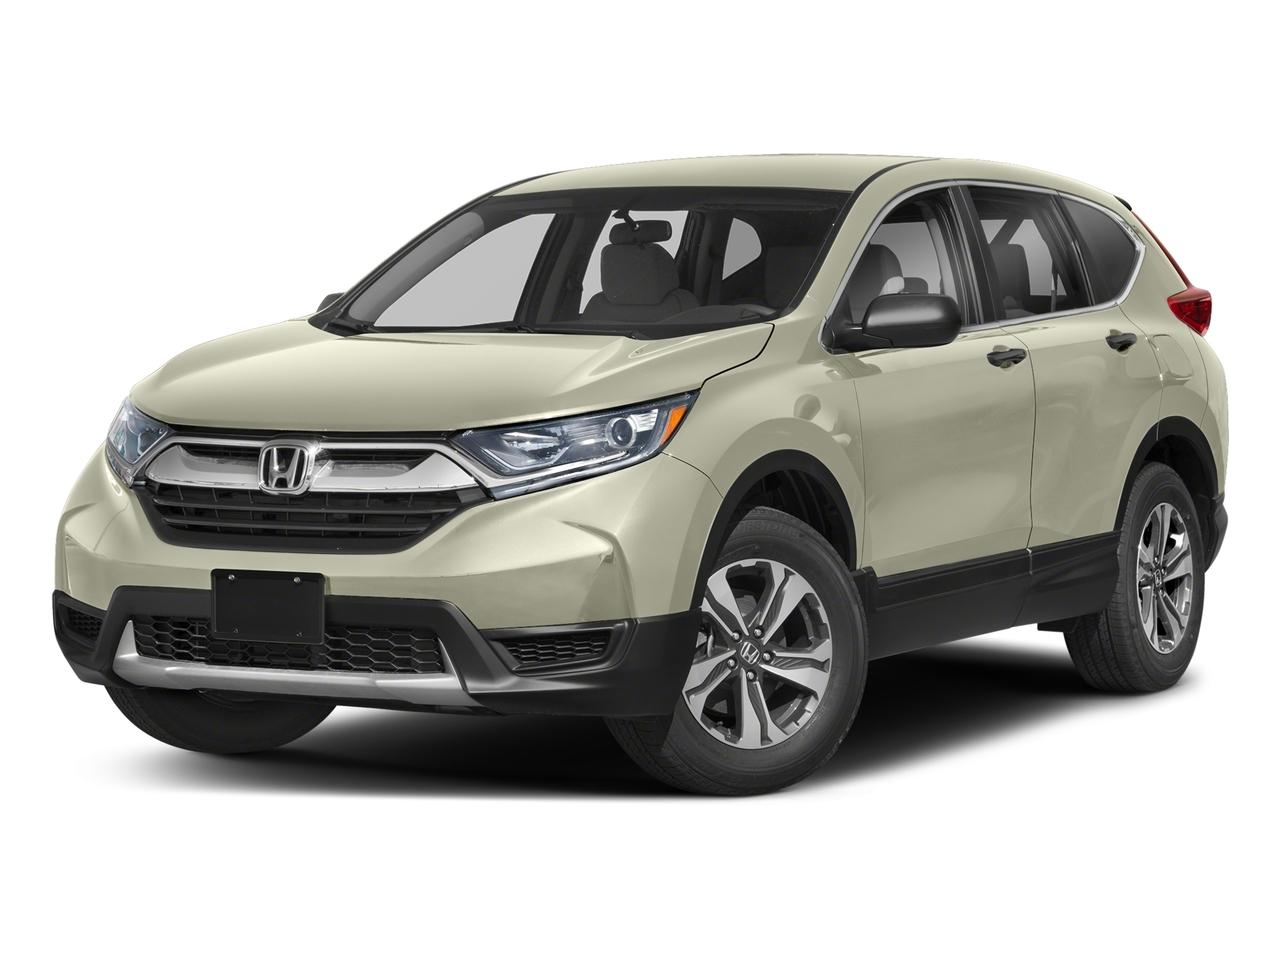 2018 Honda CR-V Vehicle Photo in Jasper, IN 47546